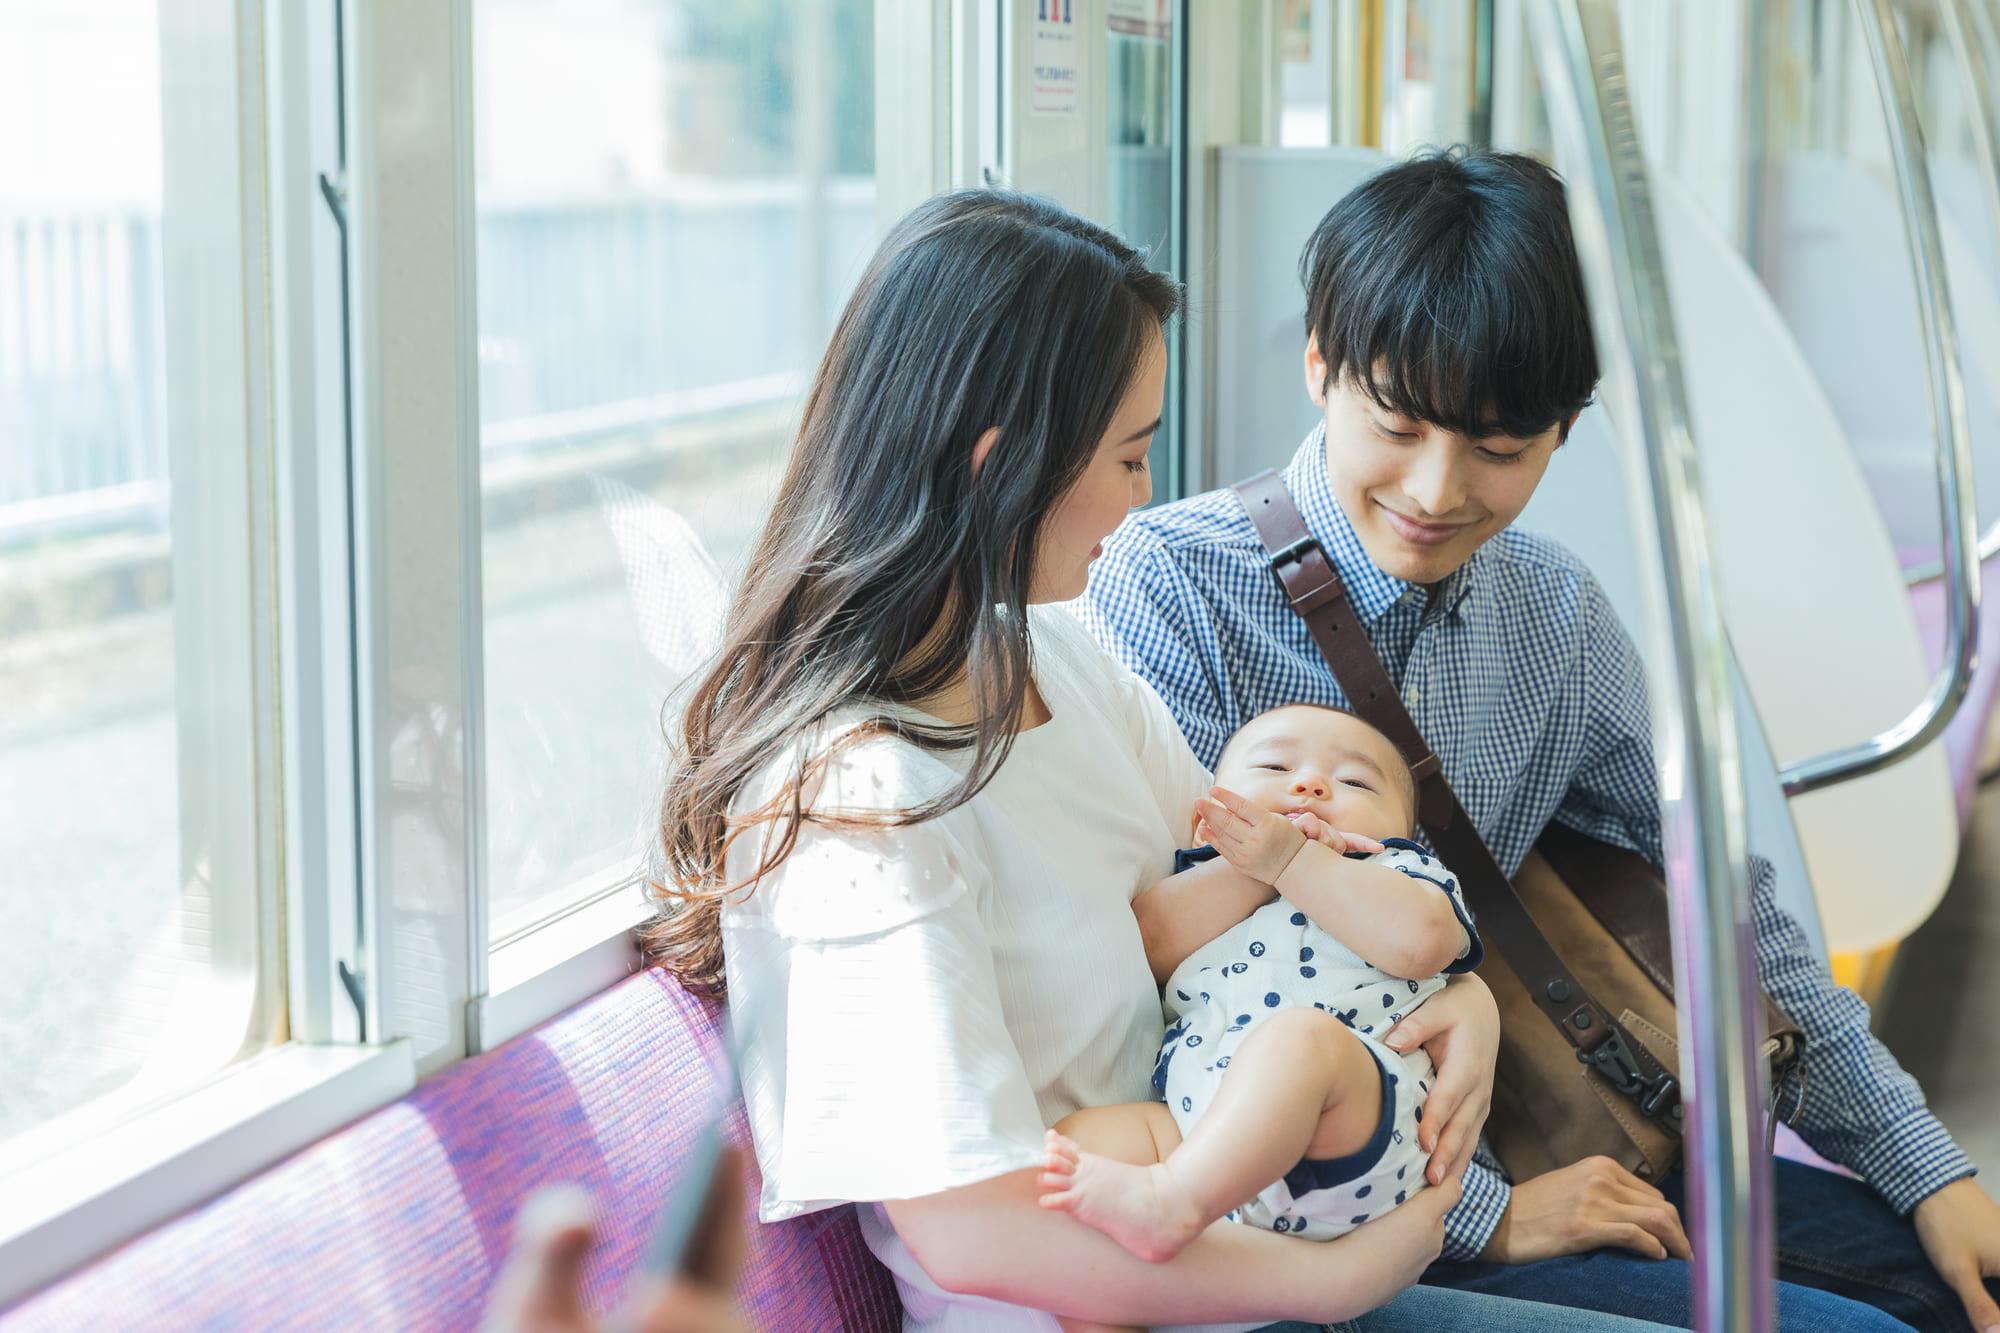 江戸川区の子育て環境や支援制度